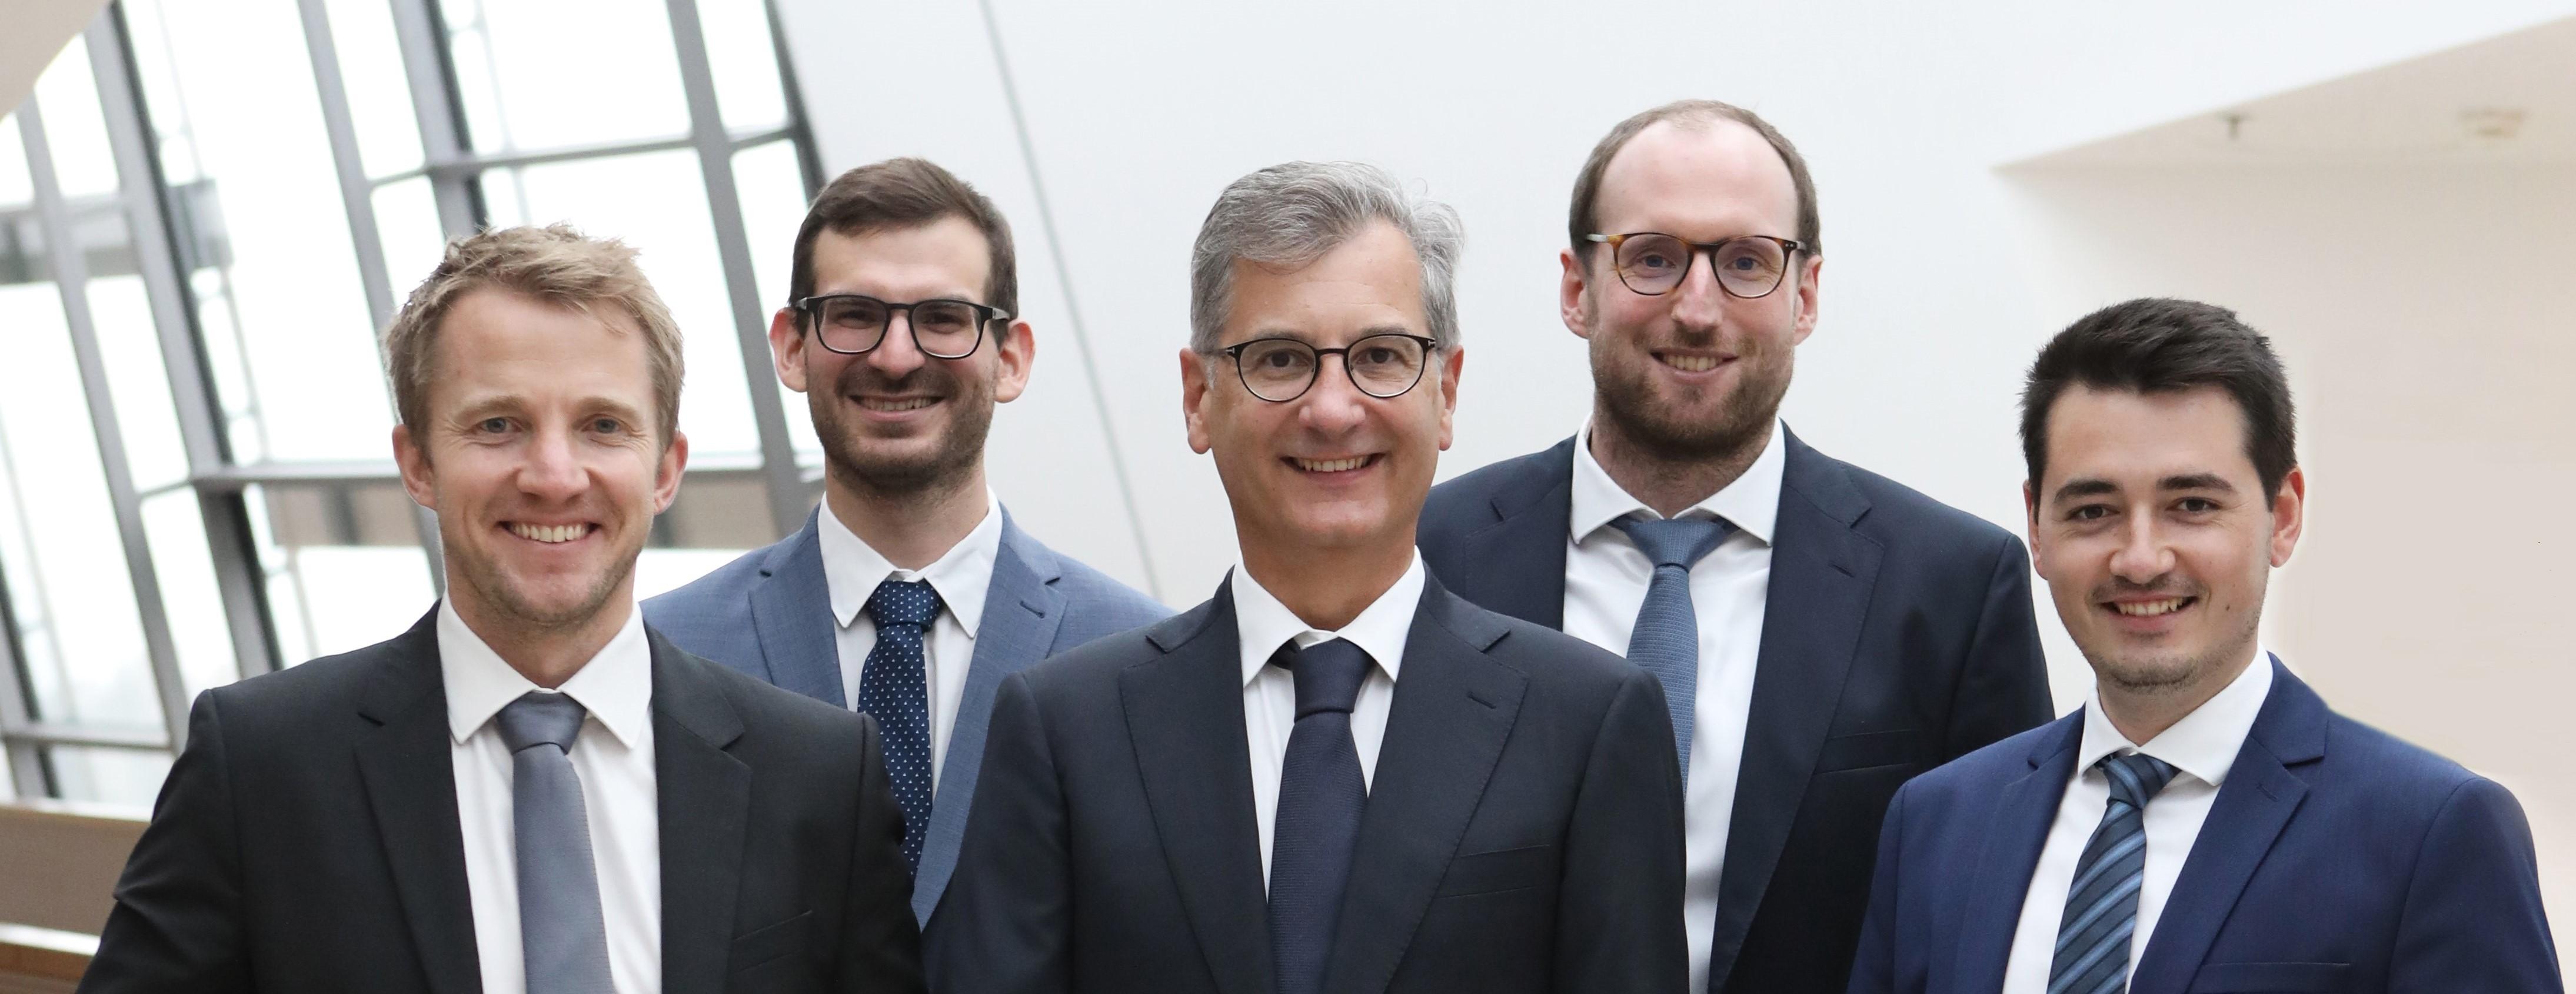 Gruppenfoto Juristen